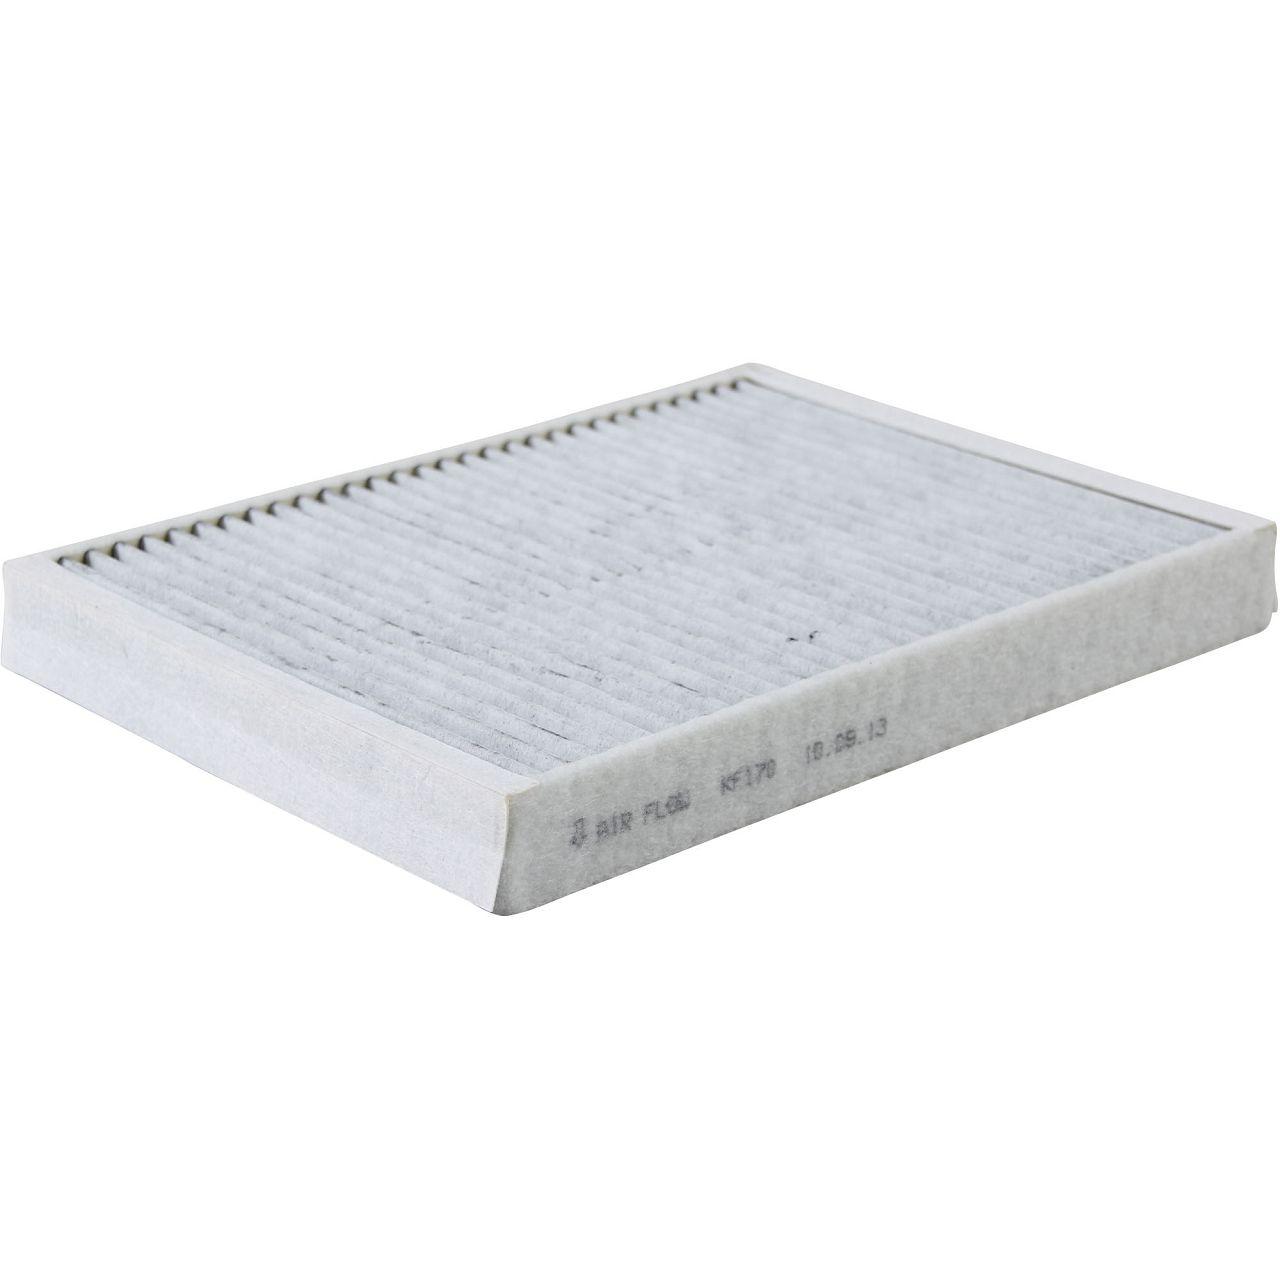 Inspektionskit Filterpaket Filterset für VOLVO S80 II V70 III 2.5 T 200 / 231 PS